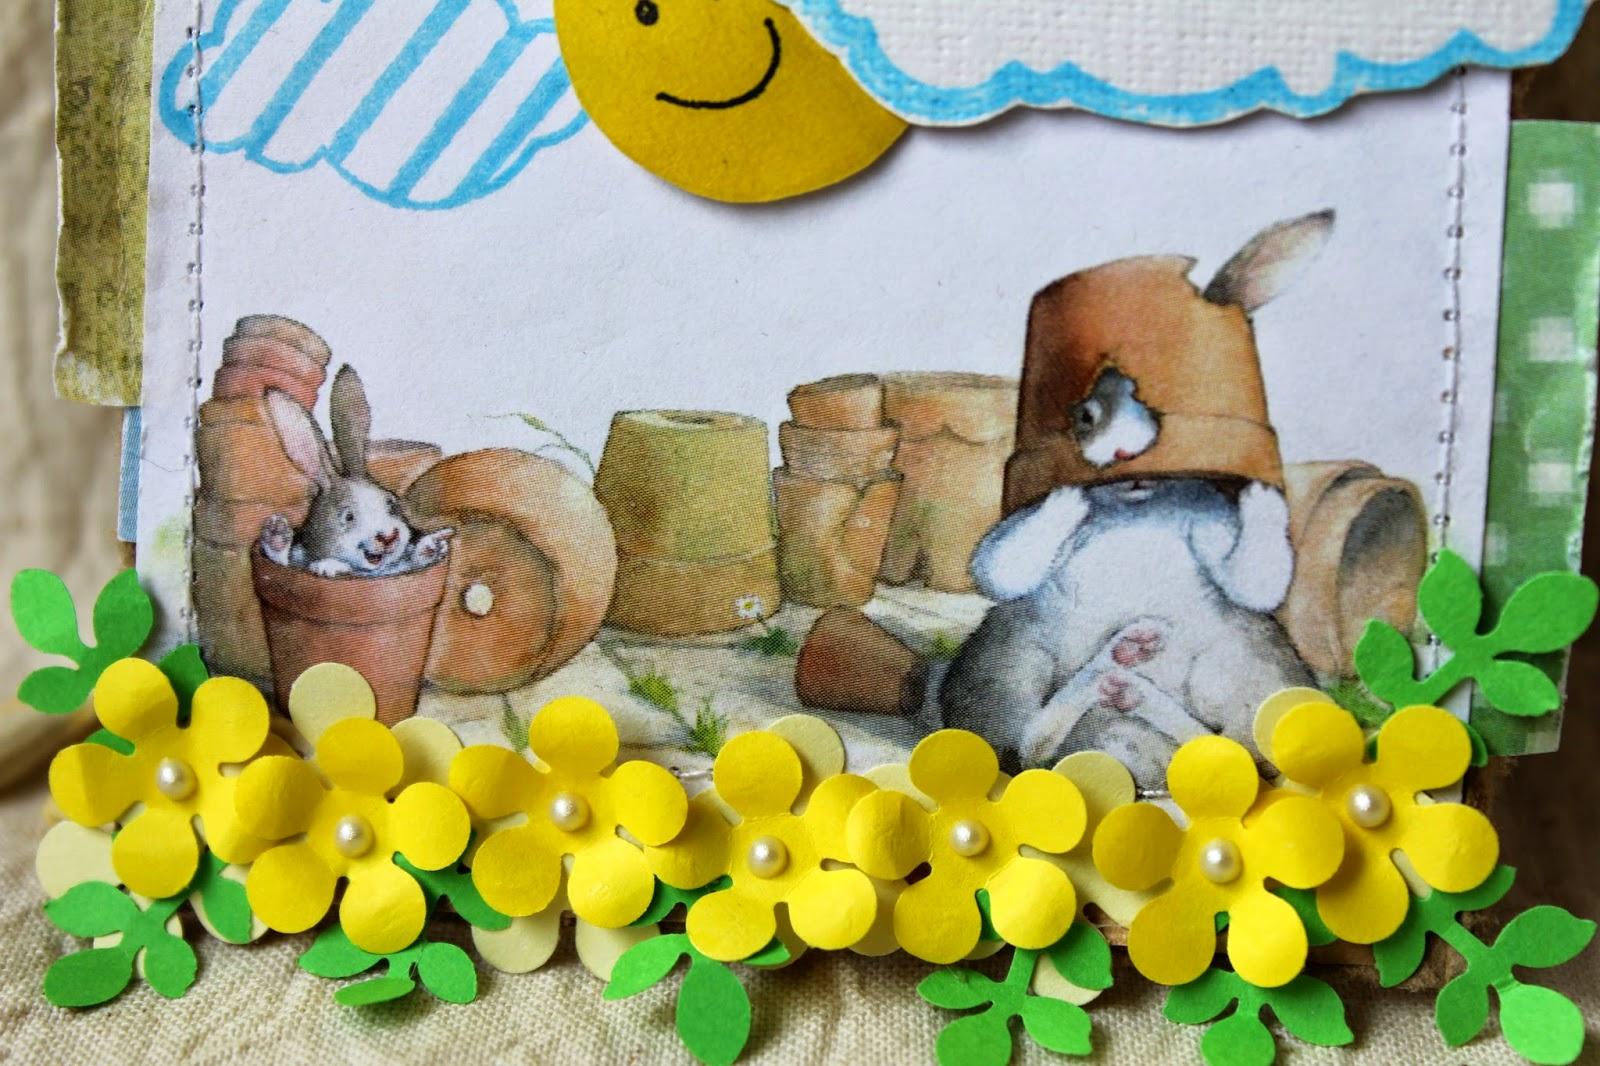 тег, цветы, зайцы